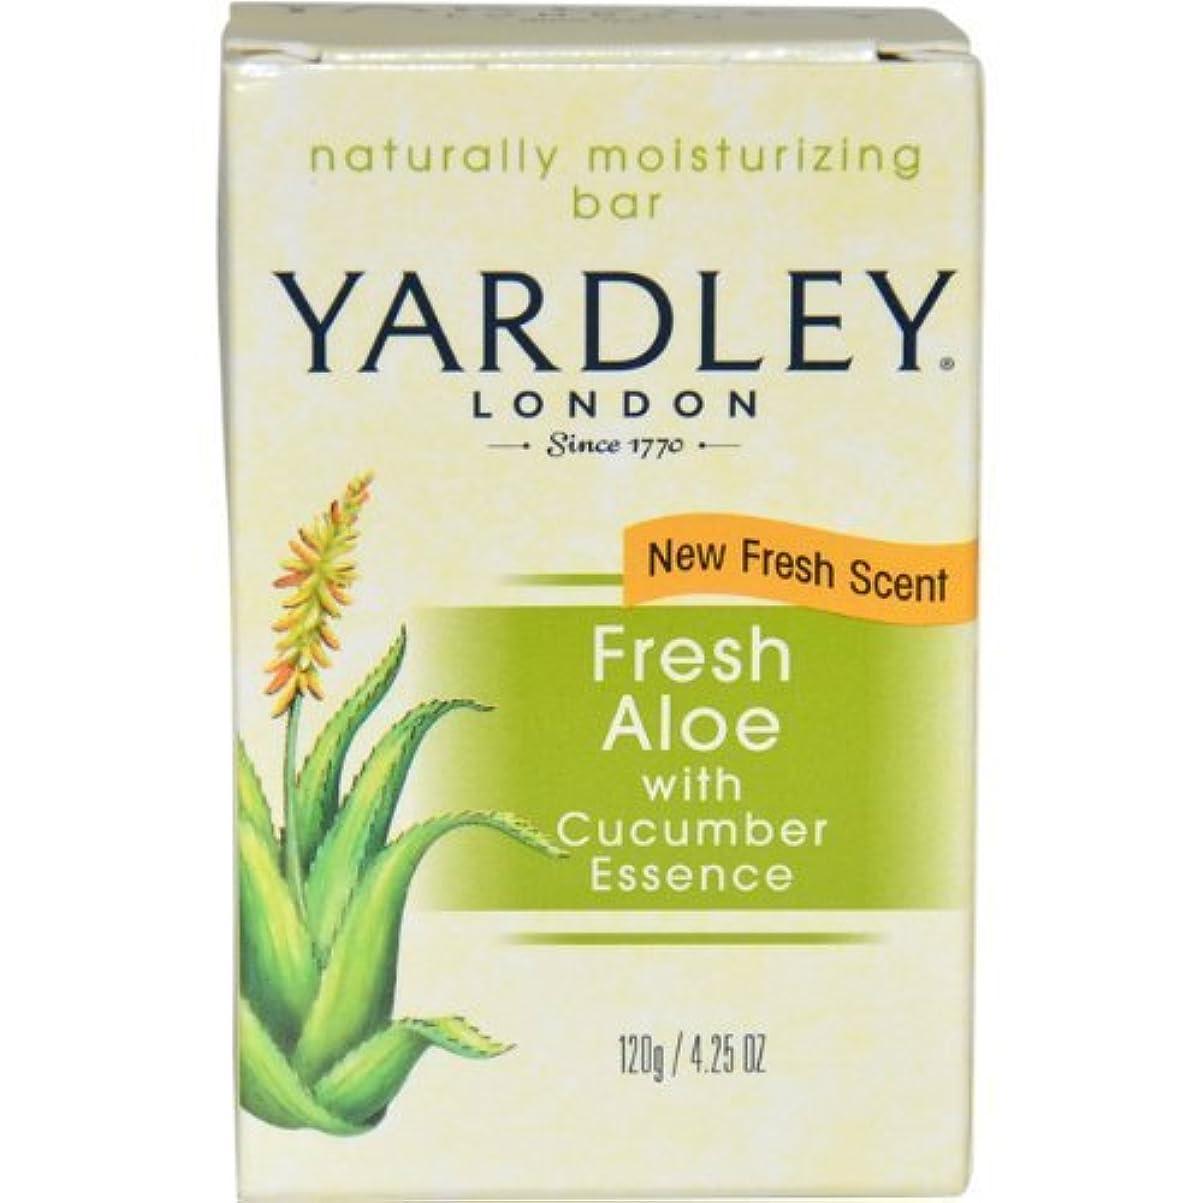 最終的に安価なアジャFresh Aloe with Cucumber Essence Bar Soap Soap Unisex by Yardley, 4.25 Ounce (Packaging May Vary) by Yardley [...